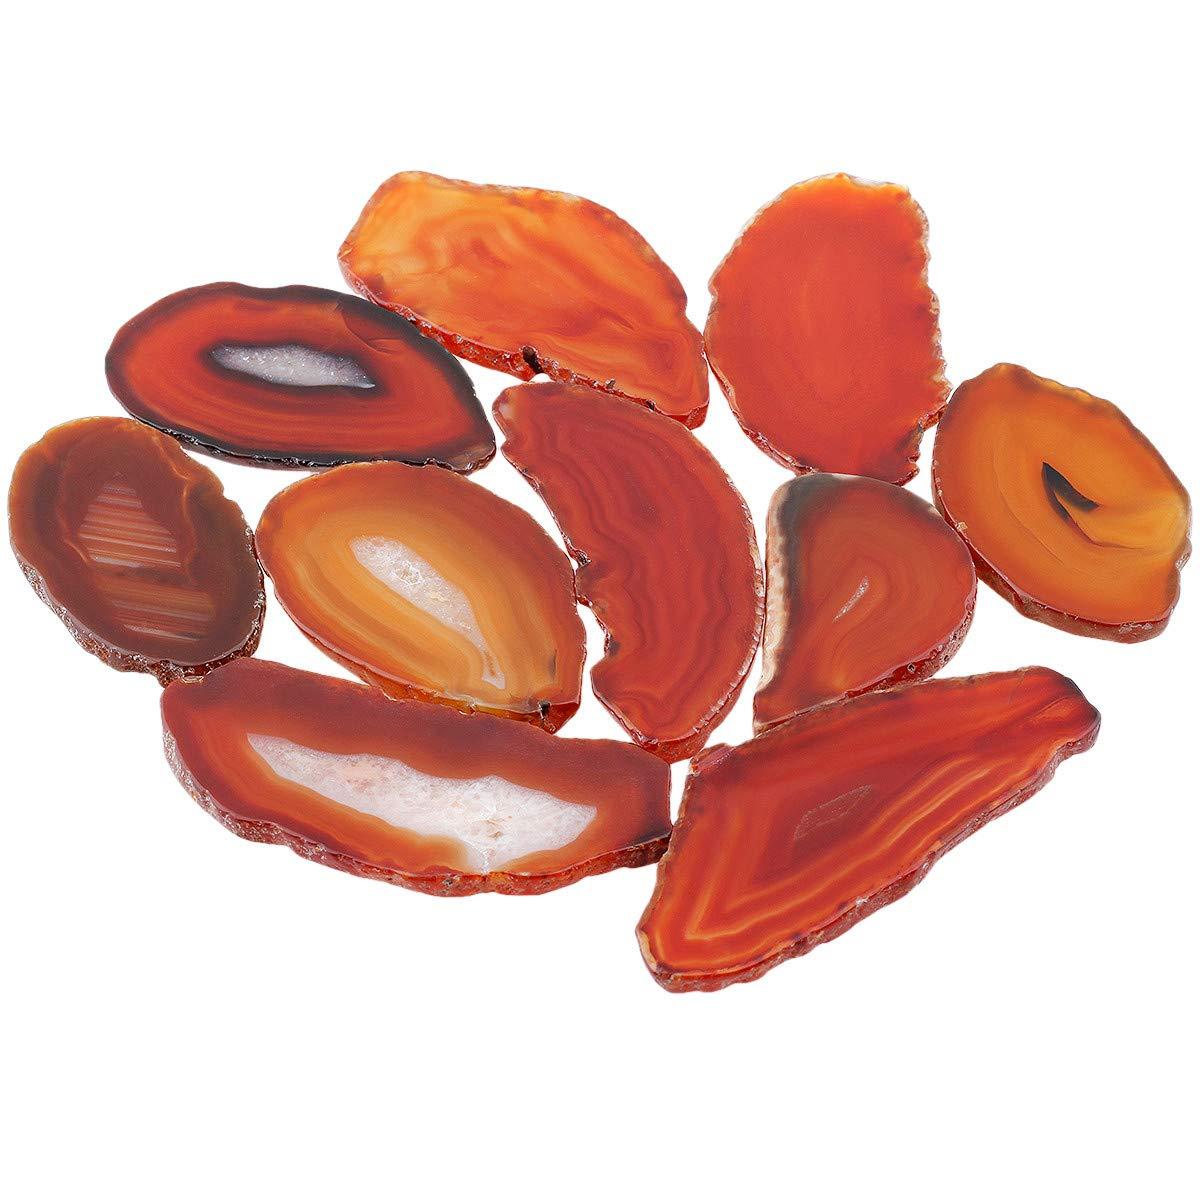 SUNYIK Red Agate Slice Set, Geode Druzy Stone Slab Wholesale, 1''-3'' in Length, Pack of 15